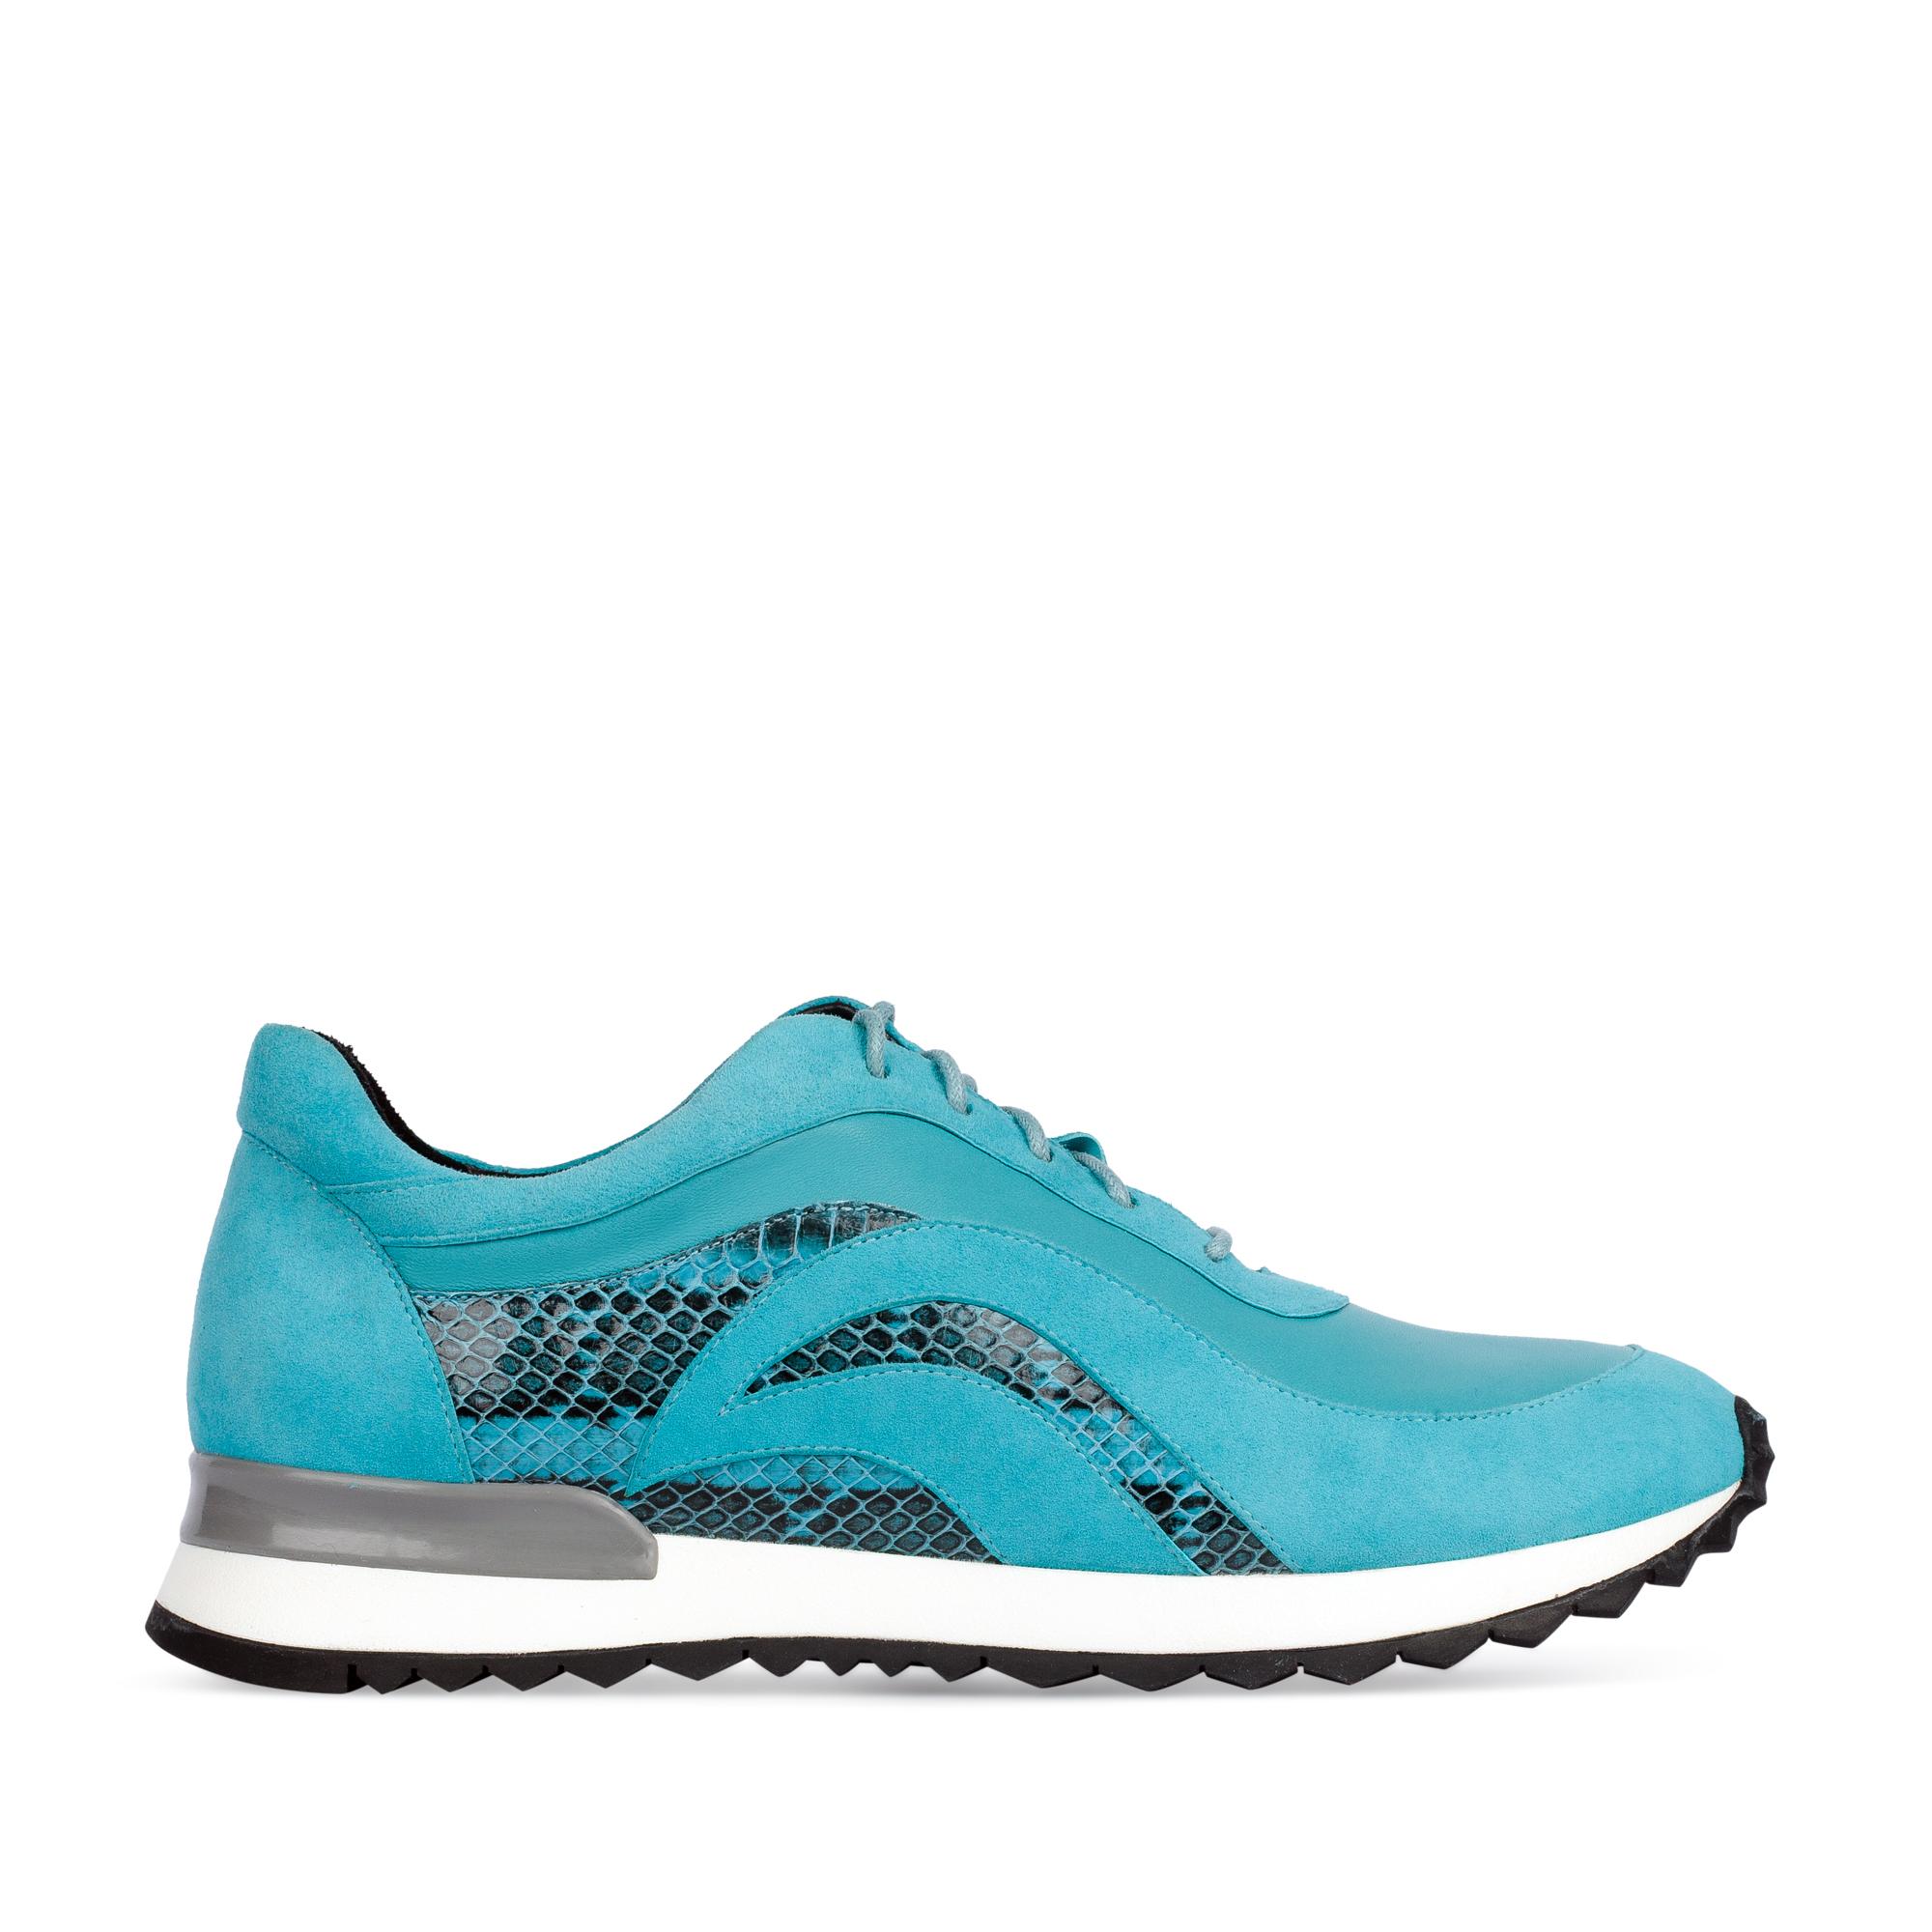 Замшевые кроссовки голубого цвета с вставками из кожи змеи 61-871-80231